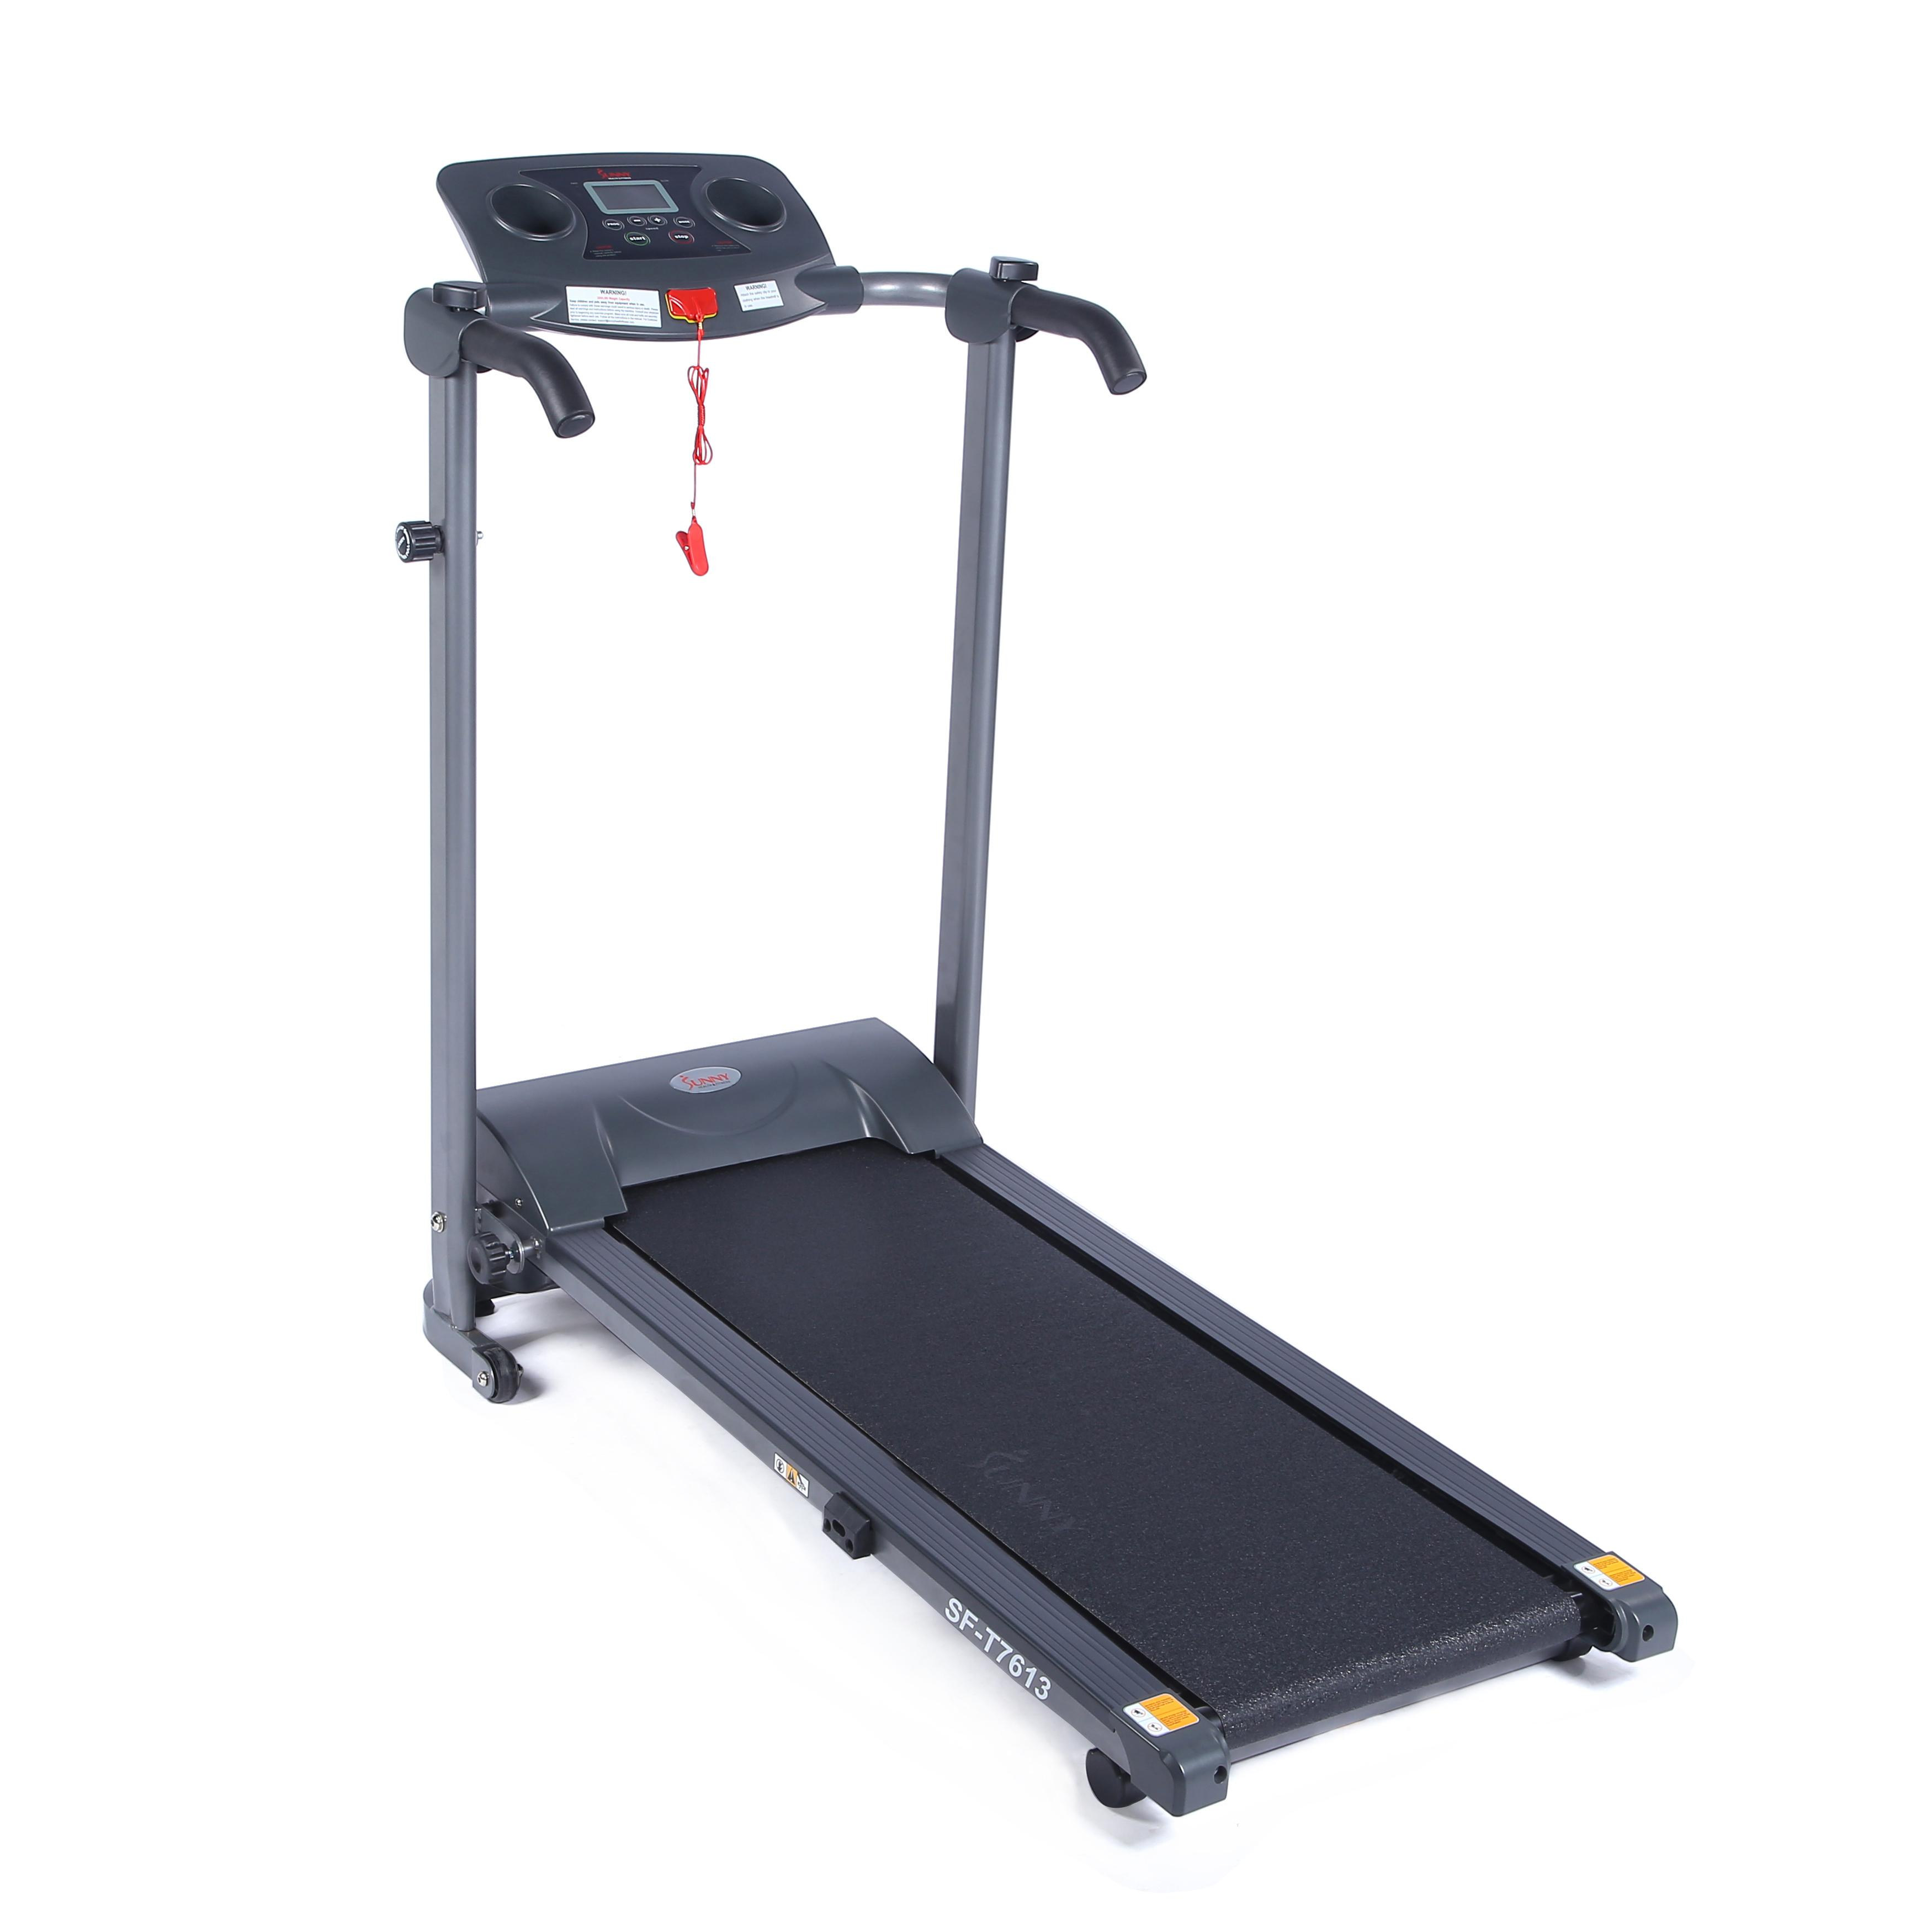 Cybex Treadmill Error 3: Amazon.com : Sunny Health & Fitness T7613 Easy Assembly